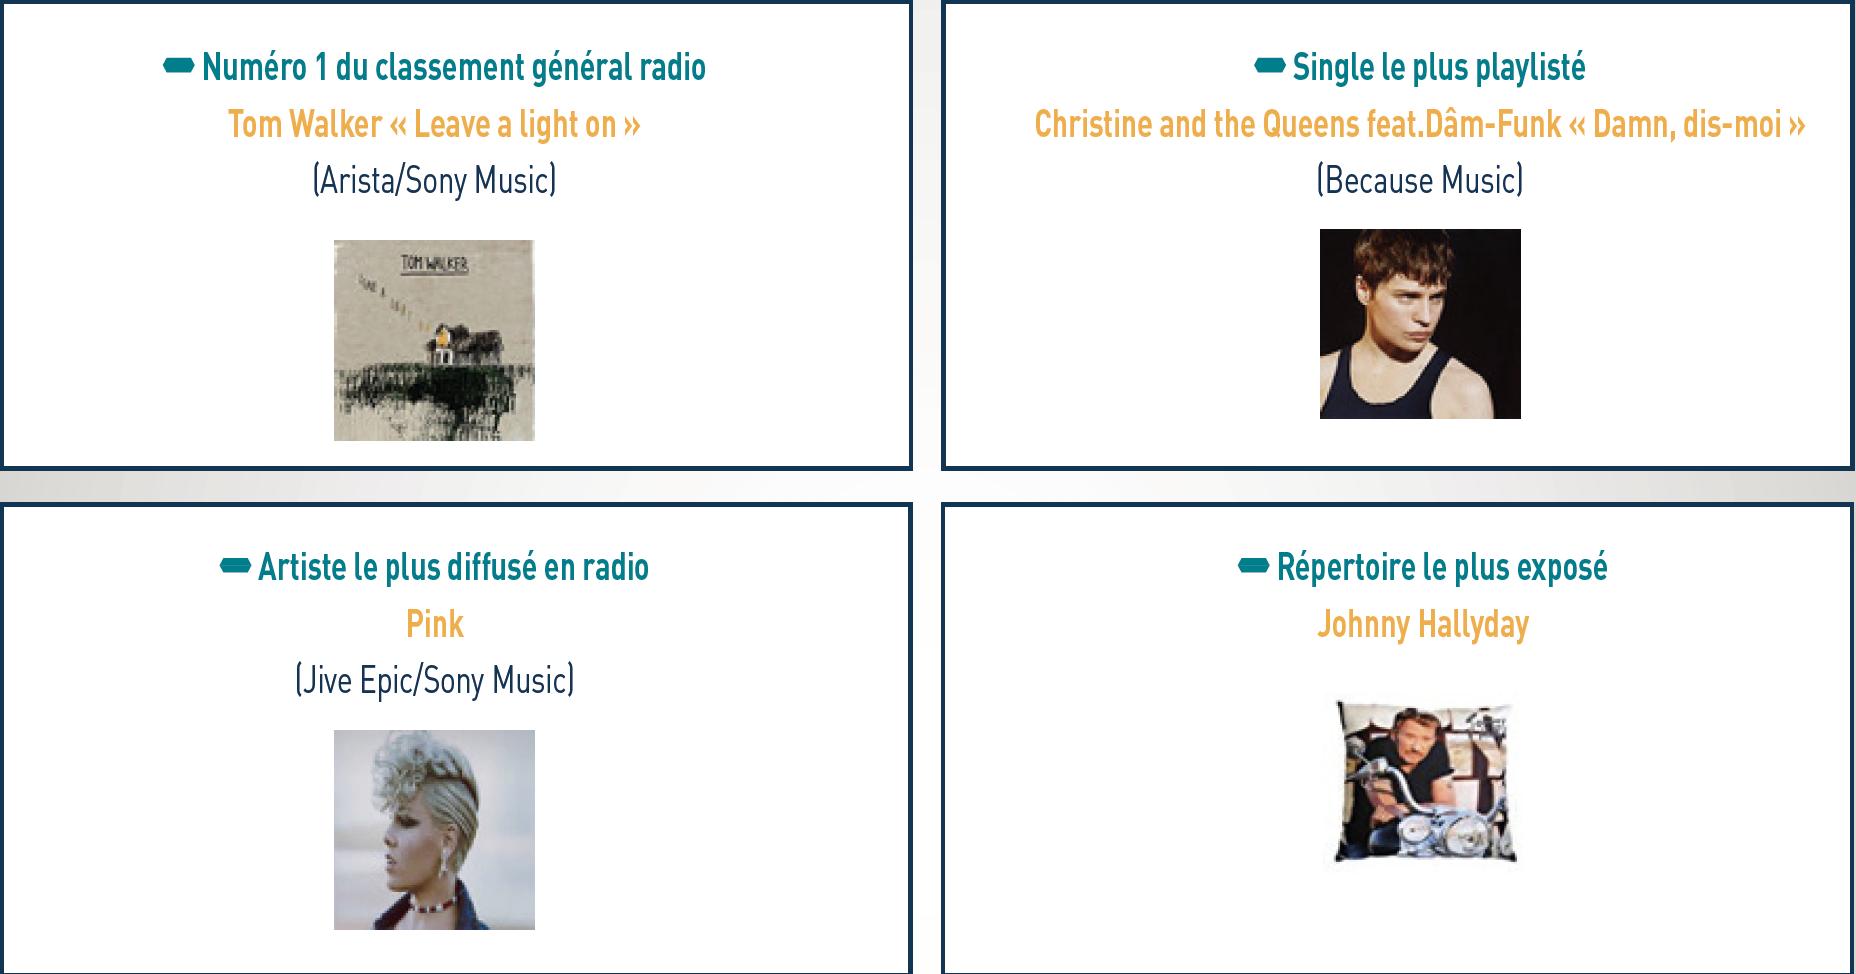 Musiques enregistrées : les performances du 1er semestre